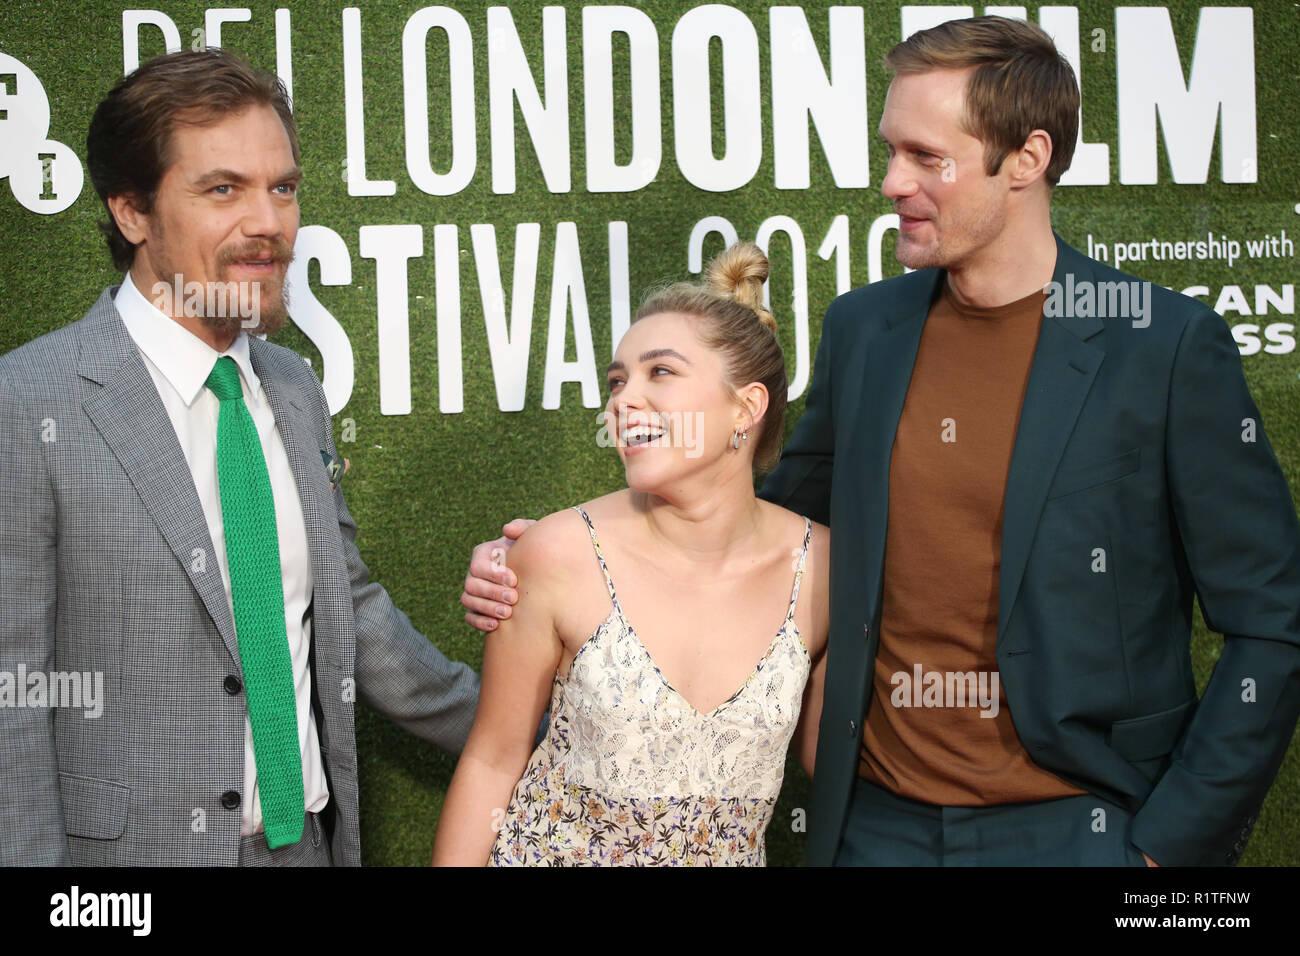 BFI London Film Festival el Little Drummer Girl premiere - Llegadas con: Michael Shannon, Florencia Pugh, Alexander Skarsgard donde: Londres, Reino Unido cuando: 14 de octubre de 2018 Créditos: Lia Toby/WENN.com Foto de stock